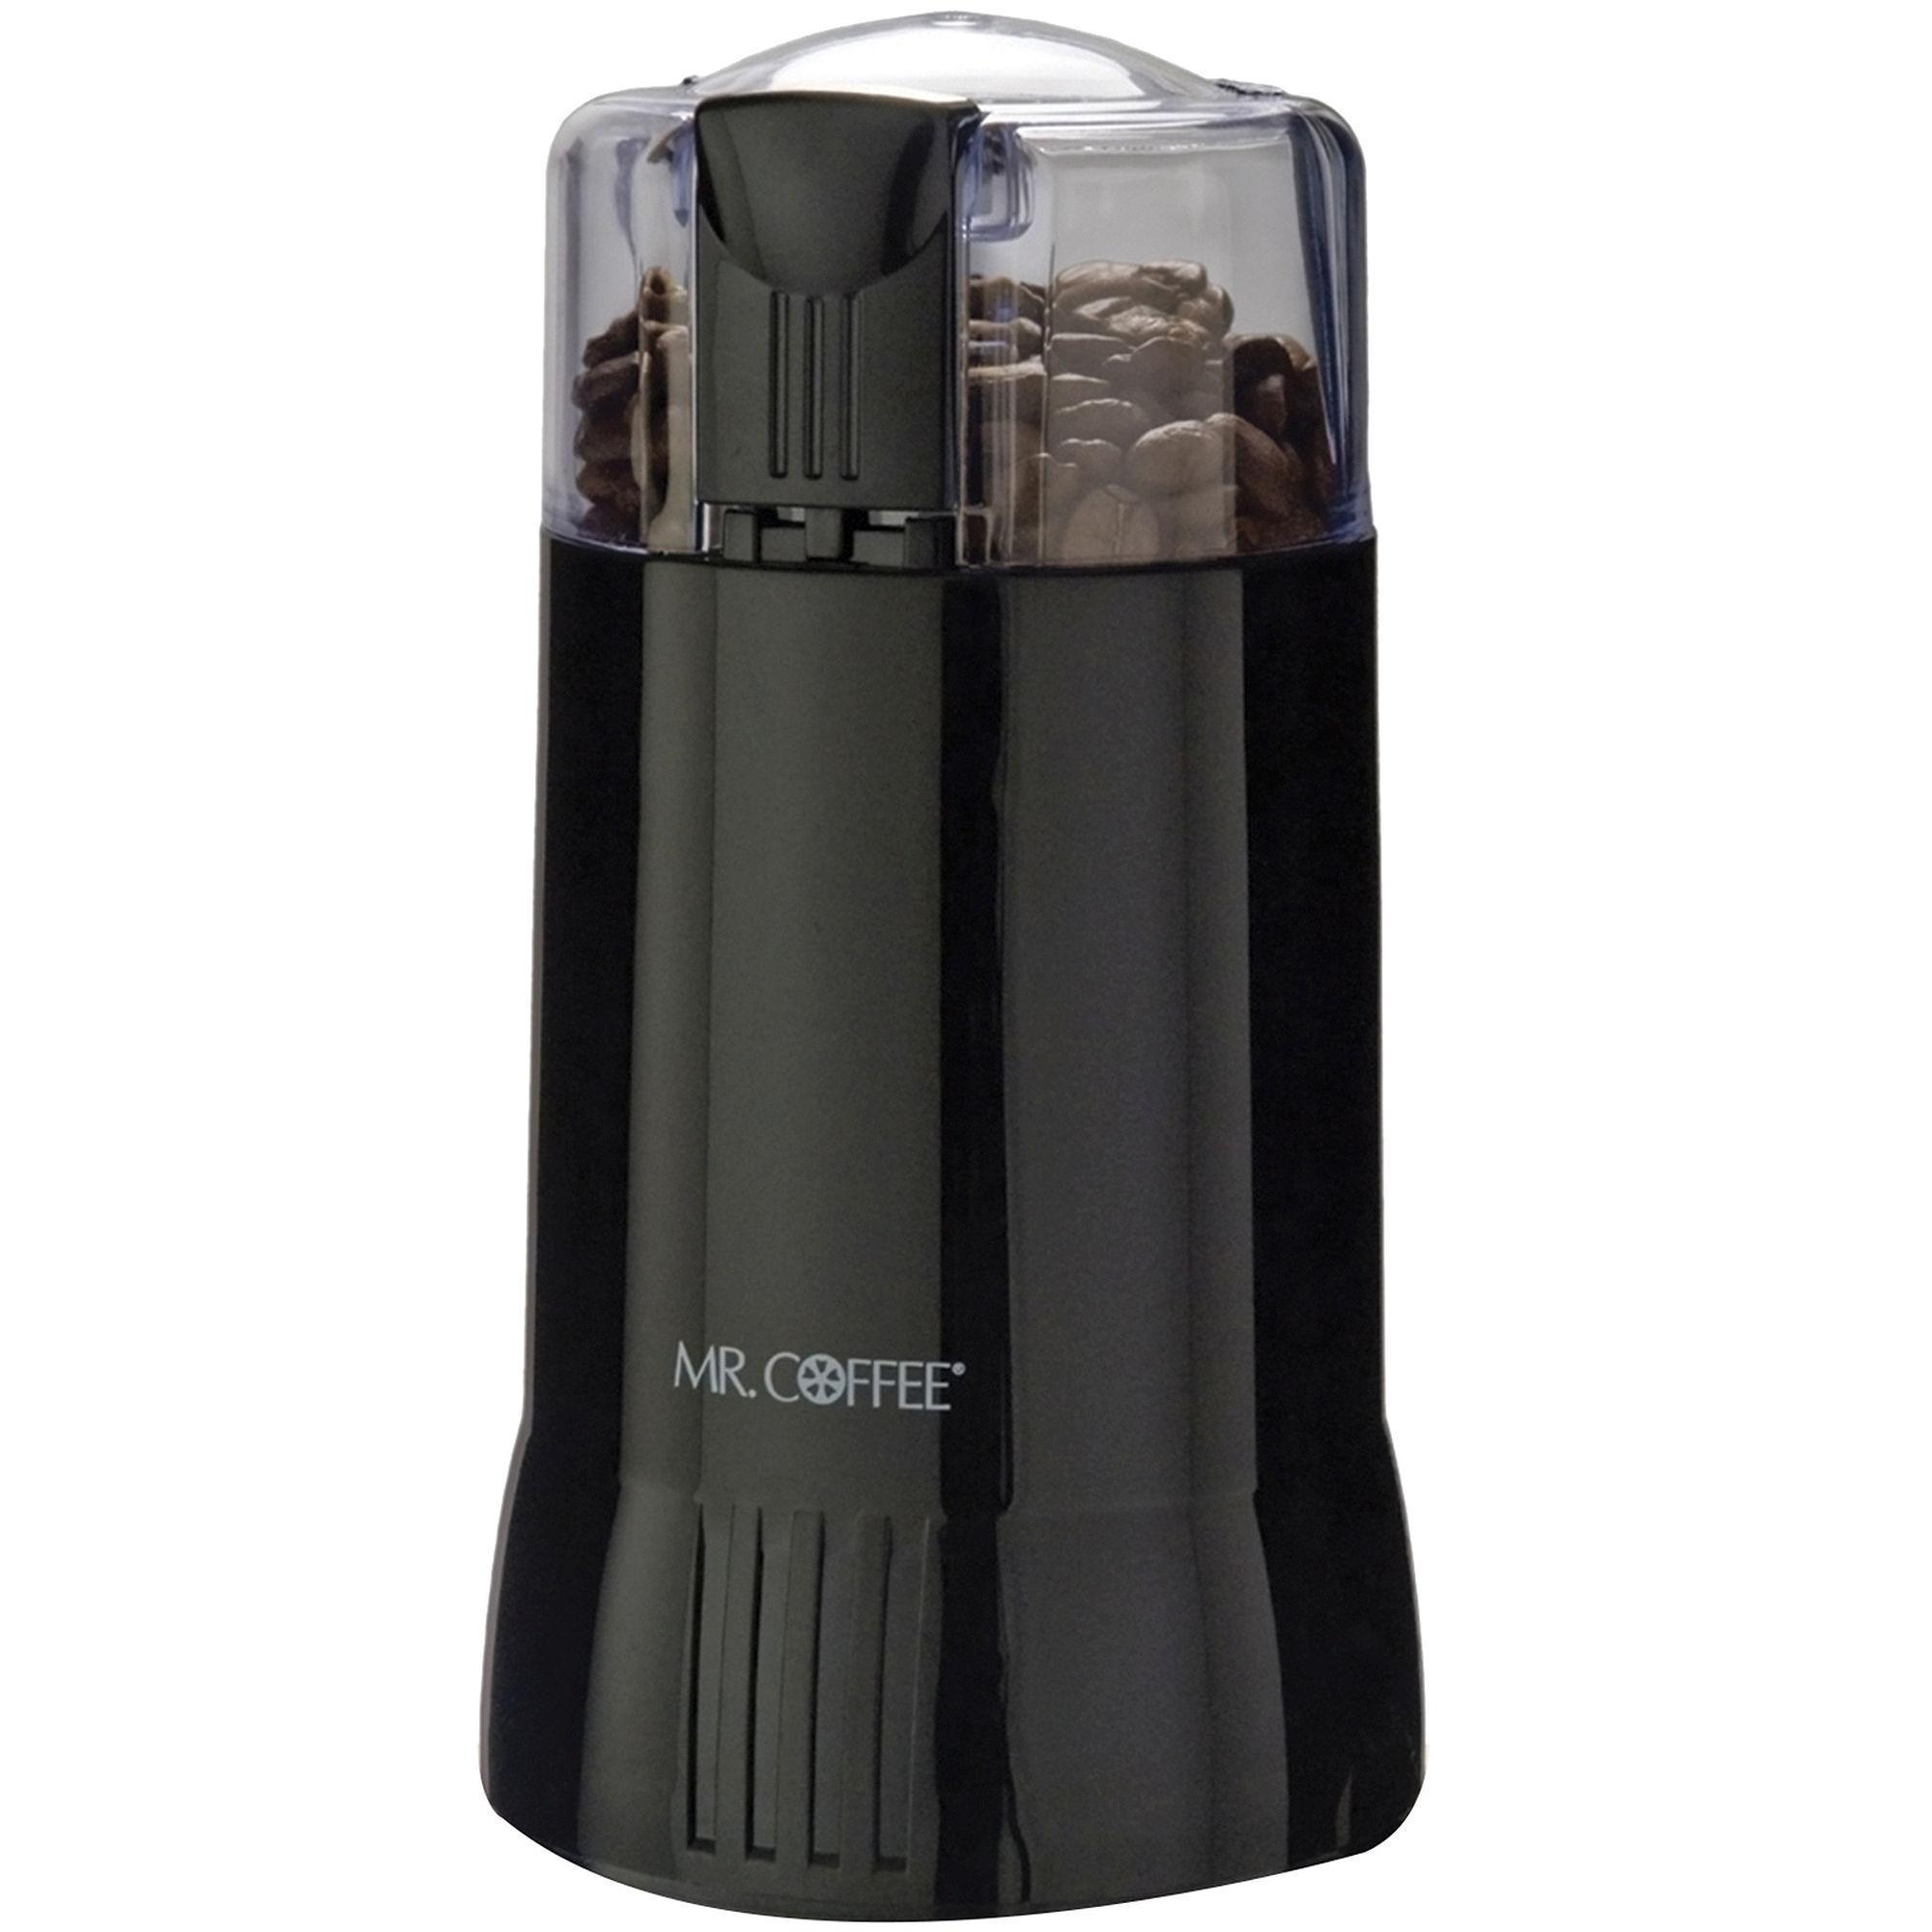 Mr. Coffee Blade Coffee Grinder